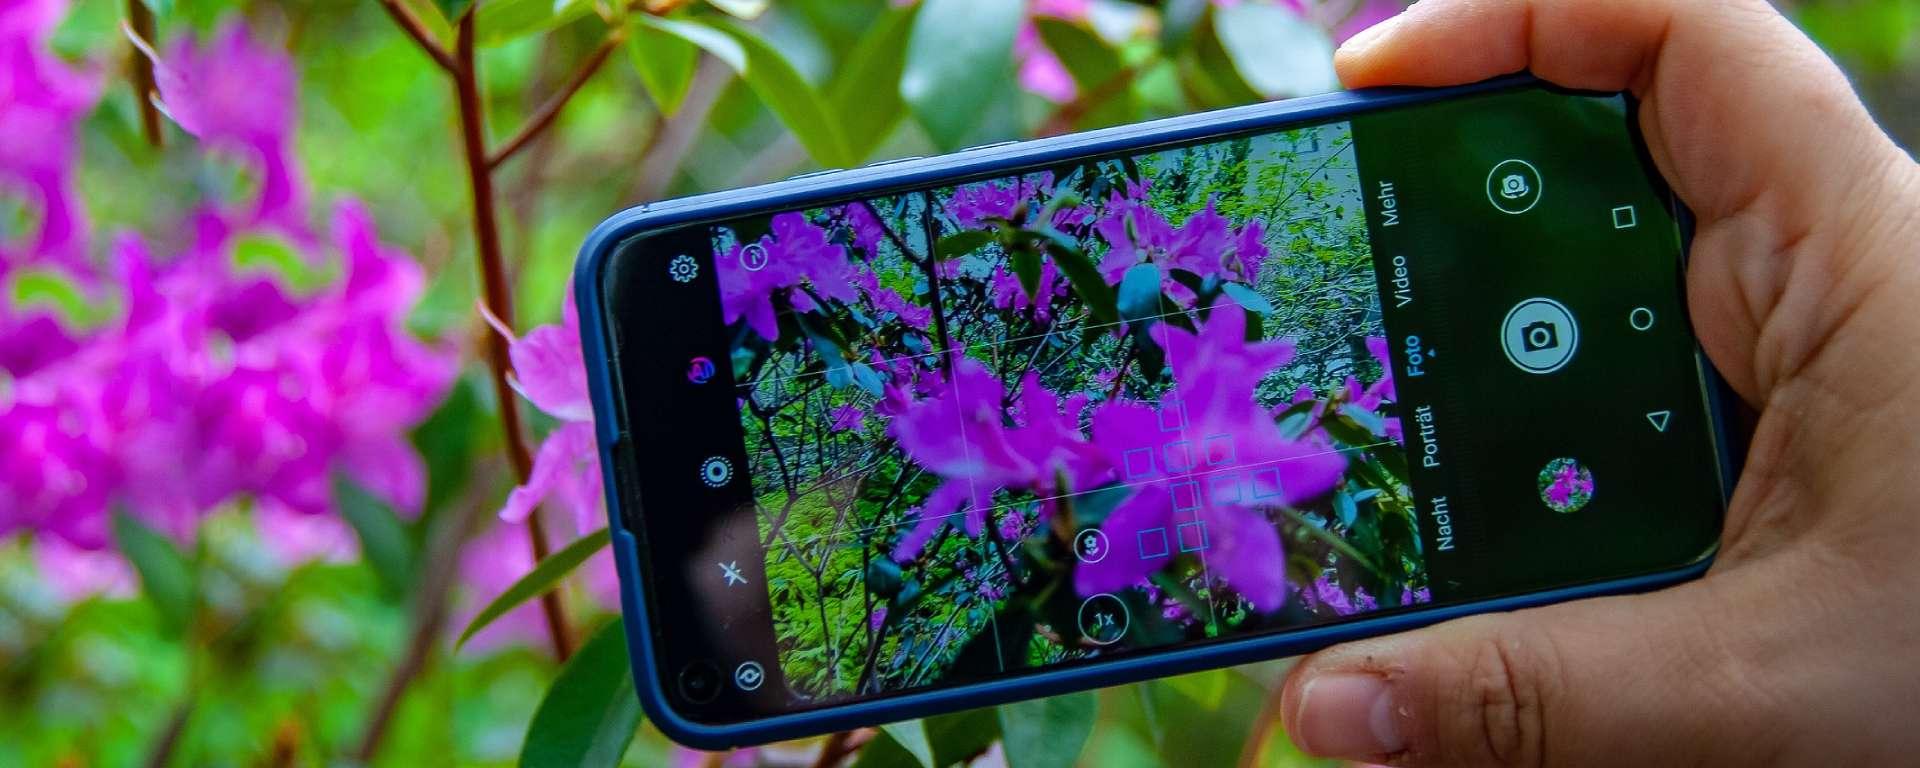 social media and gardening